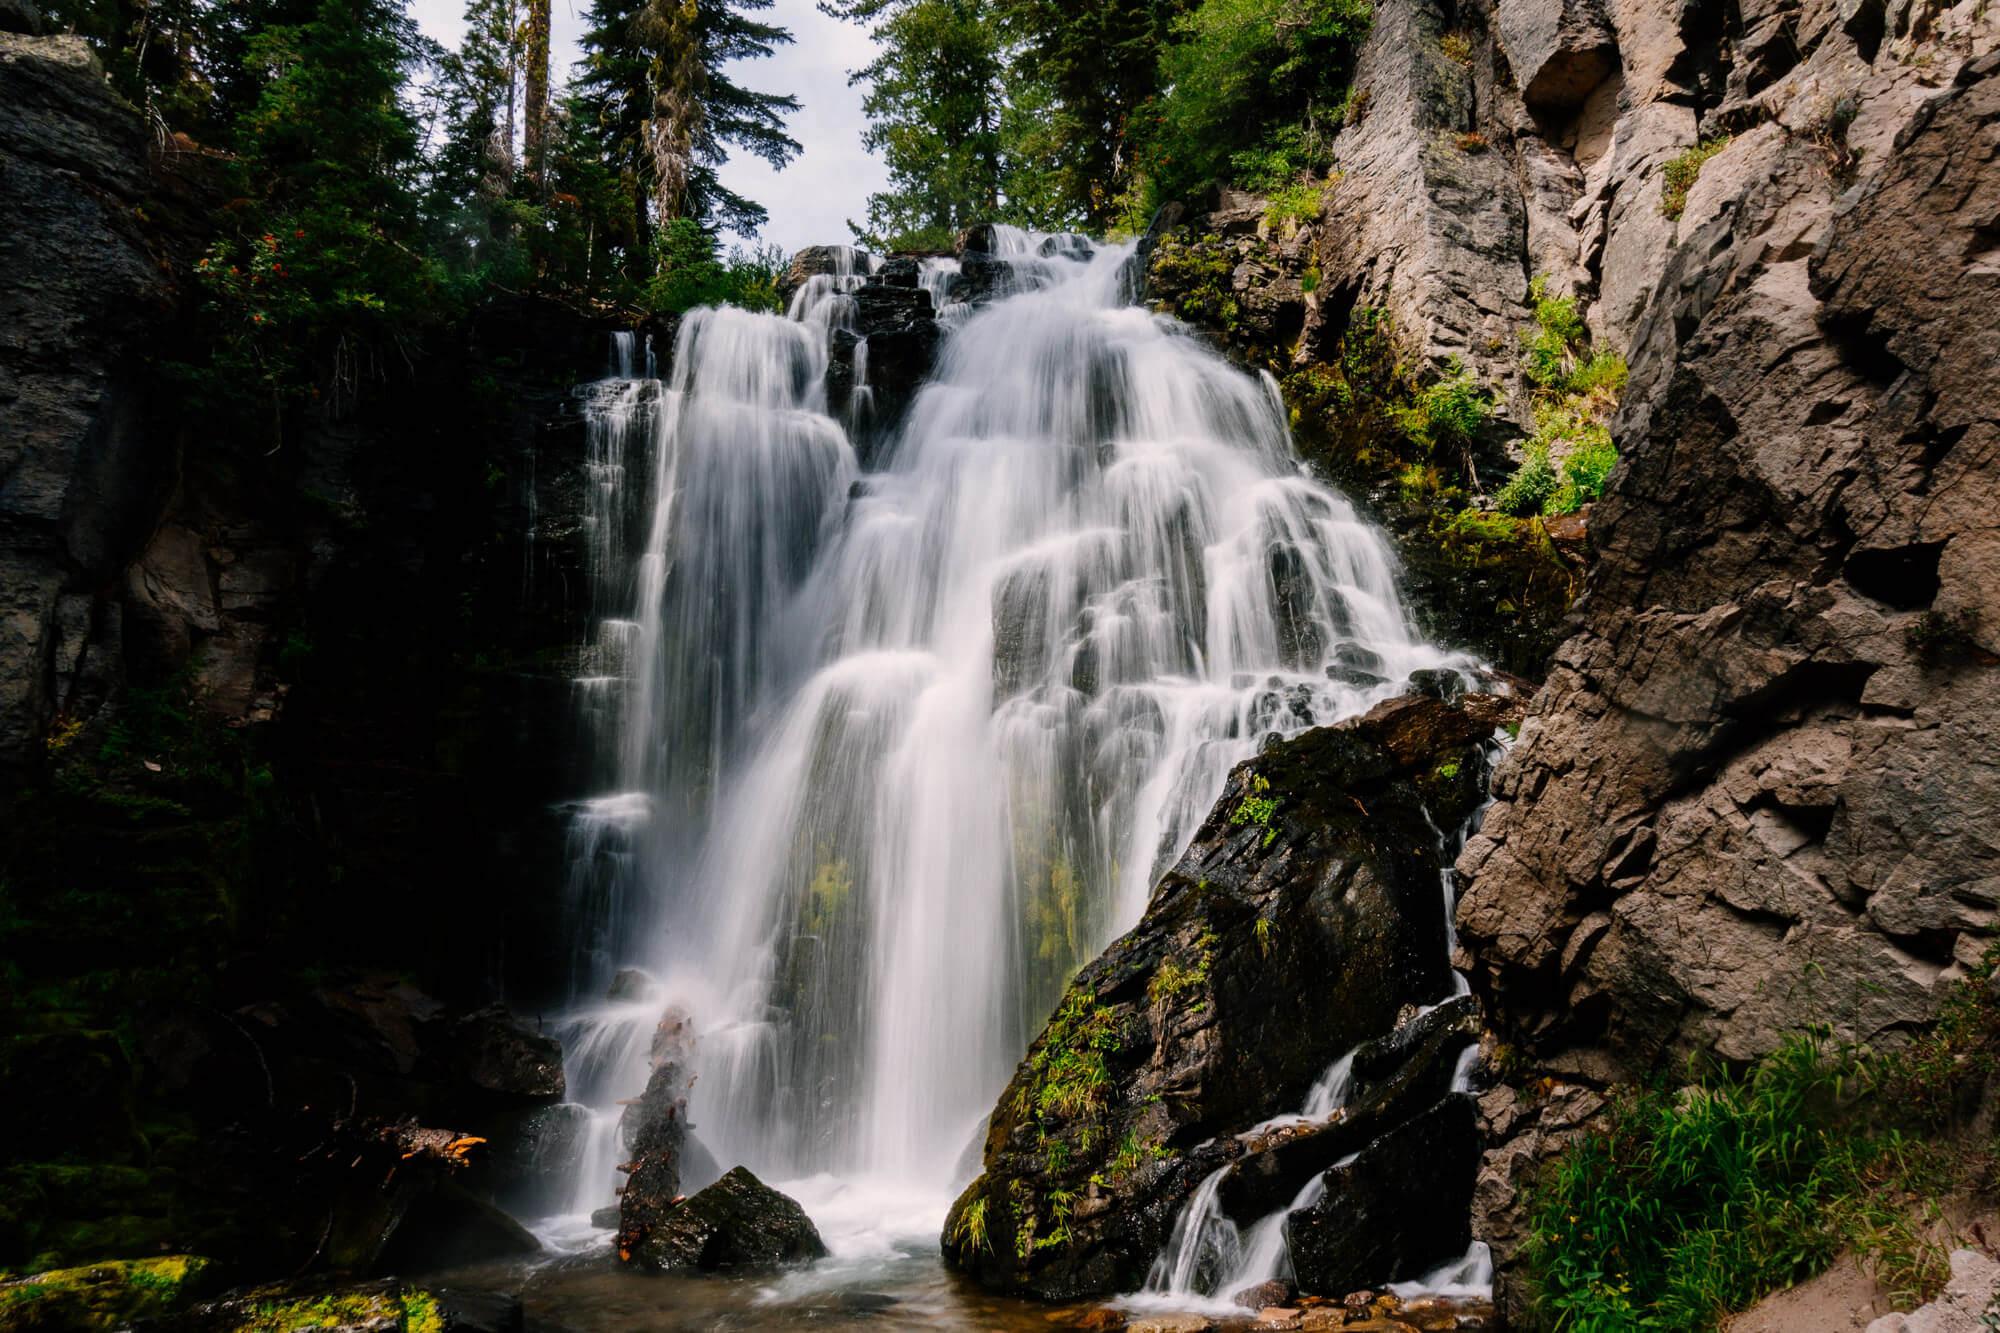 King Creek Waterfall